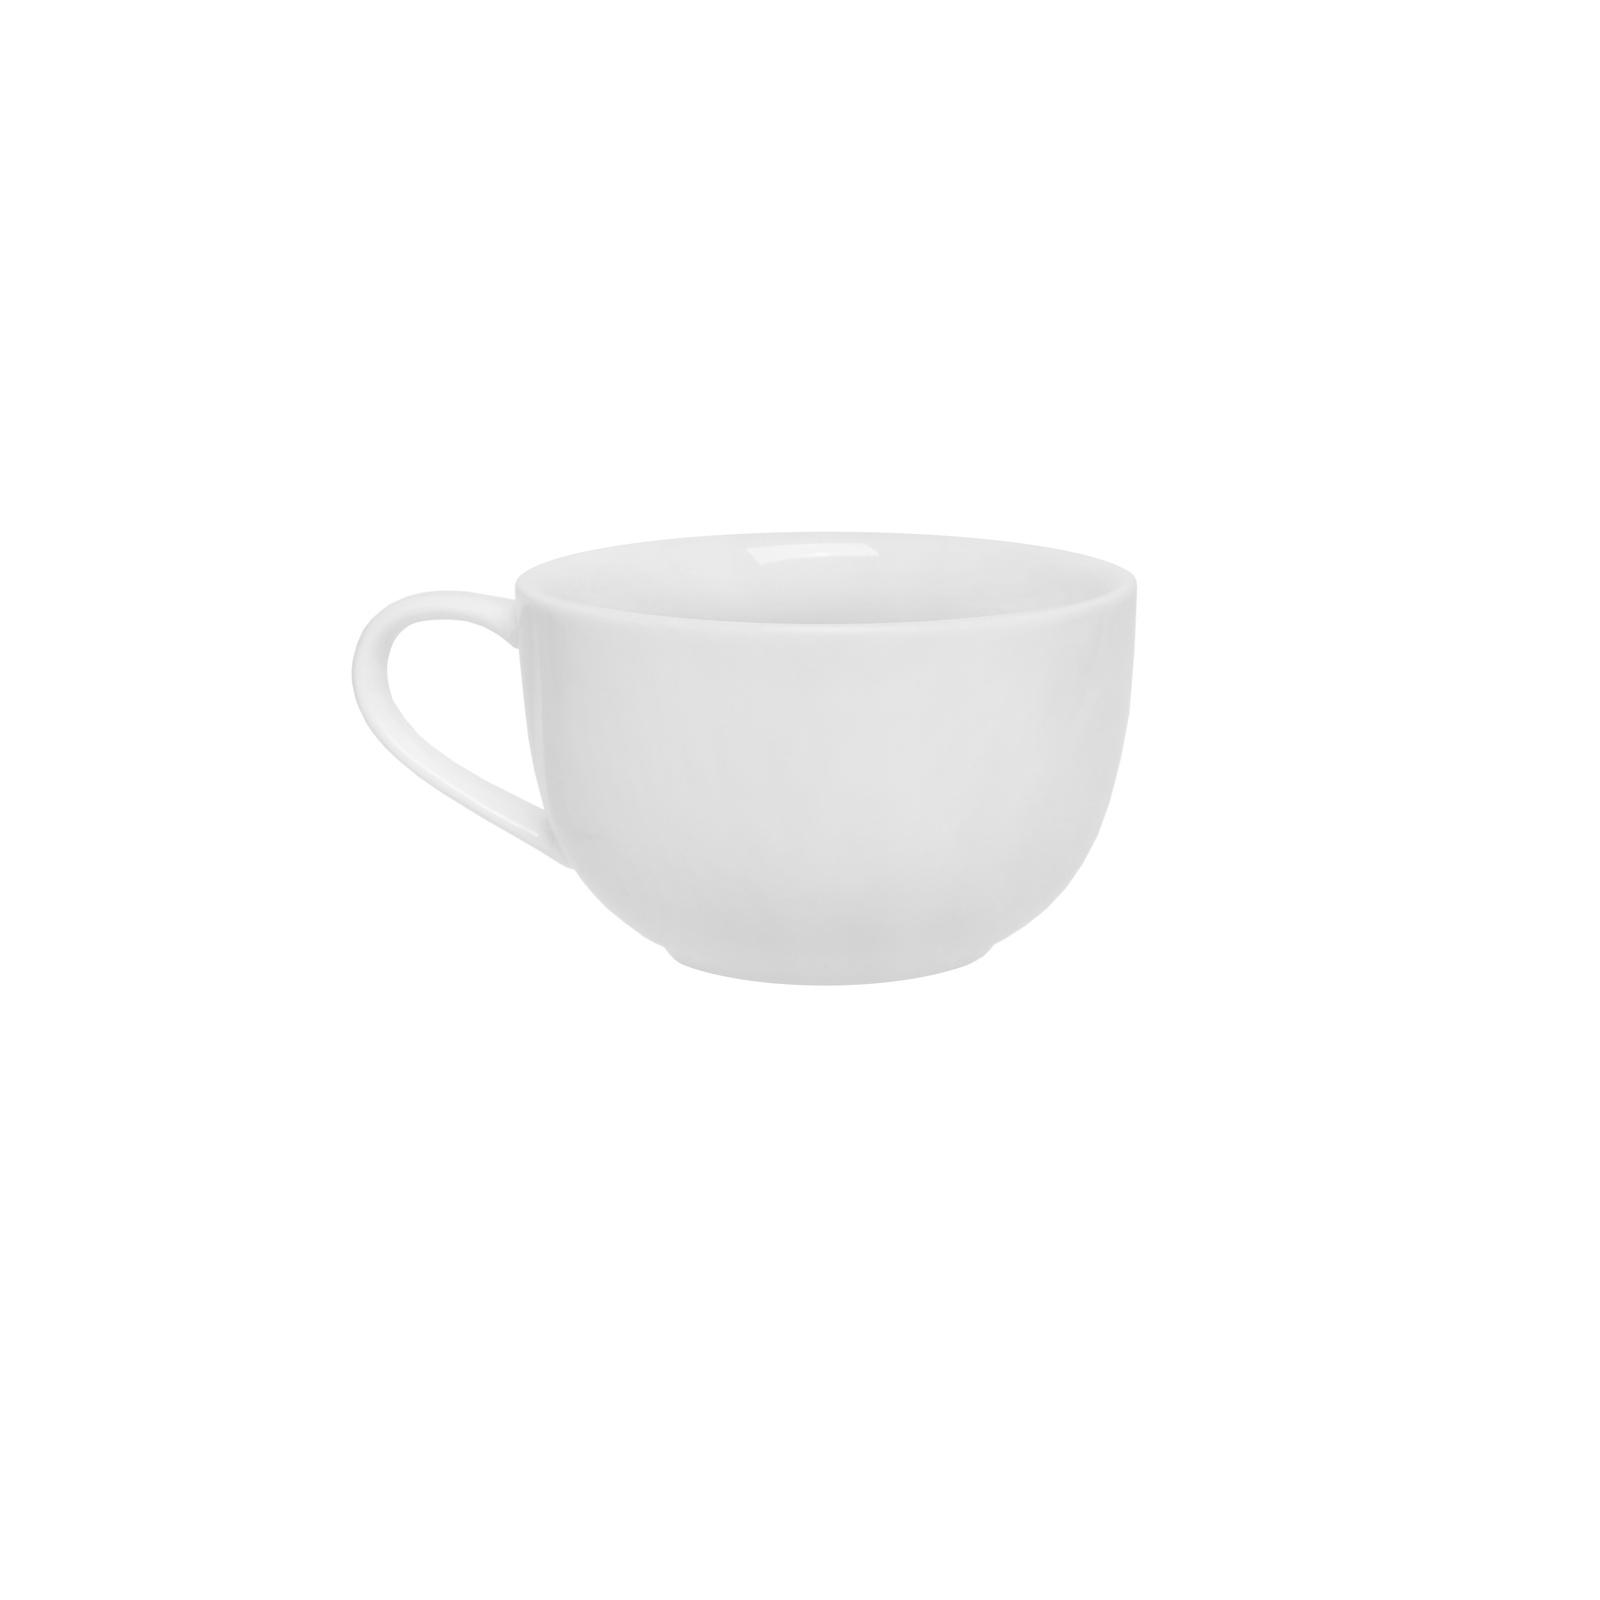 Чашка кофейная TUDOR ENGLANDRoyal Circle 70 млTU2105Фарфор Tudor England – идеальное посудное решение для любой семьи или ресторана благодаря доступной цене, отличному внешнему виду и высокому качеству, прочности и долговечности, привлекательному дизайну и большому ассортименту на выбор. Важным преимуществом является возможность использования в микроволновой печи, духовке (до 280 градусов) и мытья в посудомоечной машине. Линейка Tudor Ware производилась с 1828 года, поэтому фарфор Tudor England является наследником традиций, навыков и технологий ушедших поколений, что отражается в каждой из наших фарфоровых коллекций.